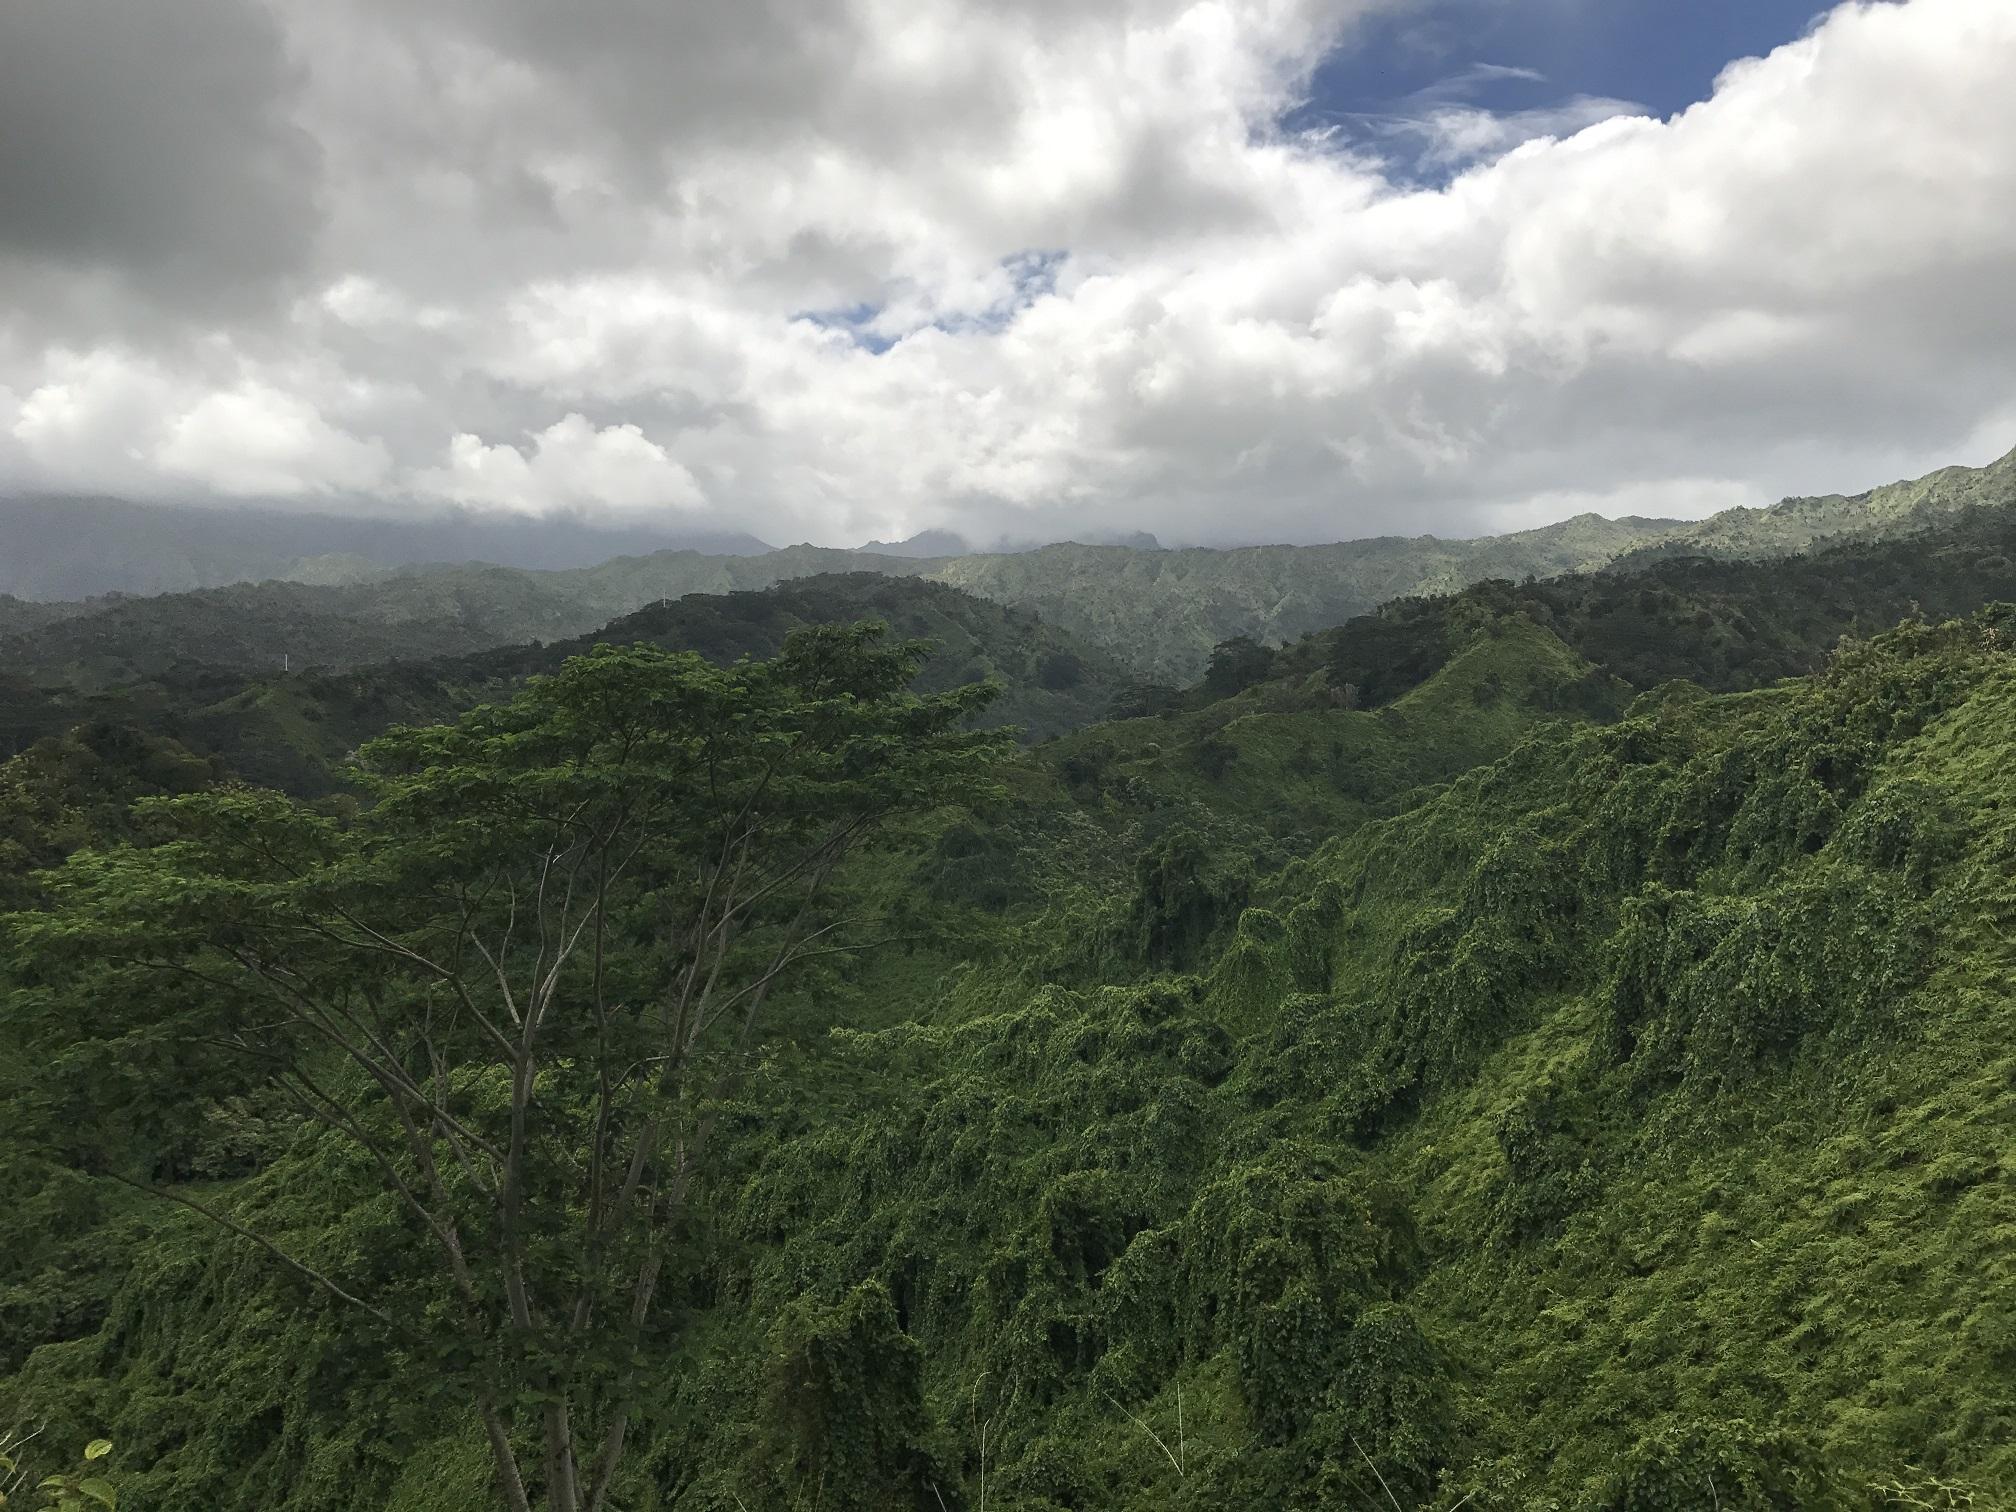 Vue depuis la Kuilau trail. Le lierre qui envahit les arbres leur donne des silhouettes que je trouve fascinantes.